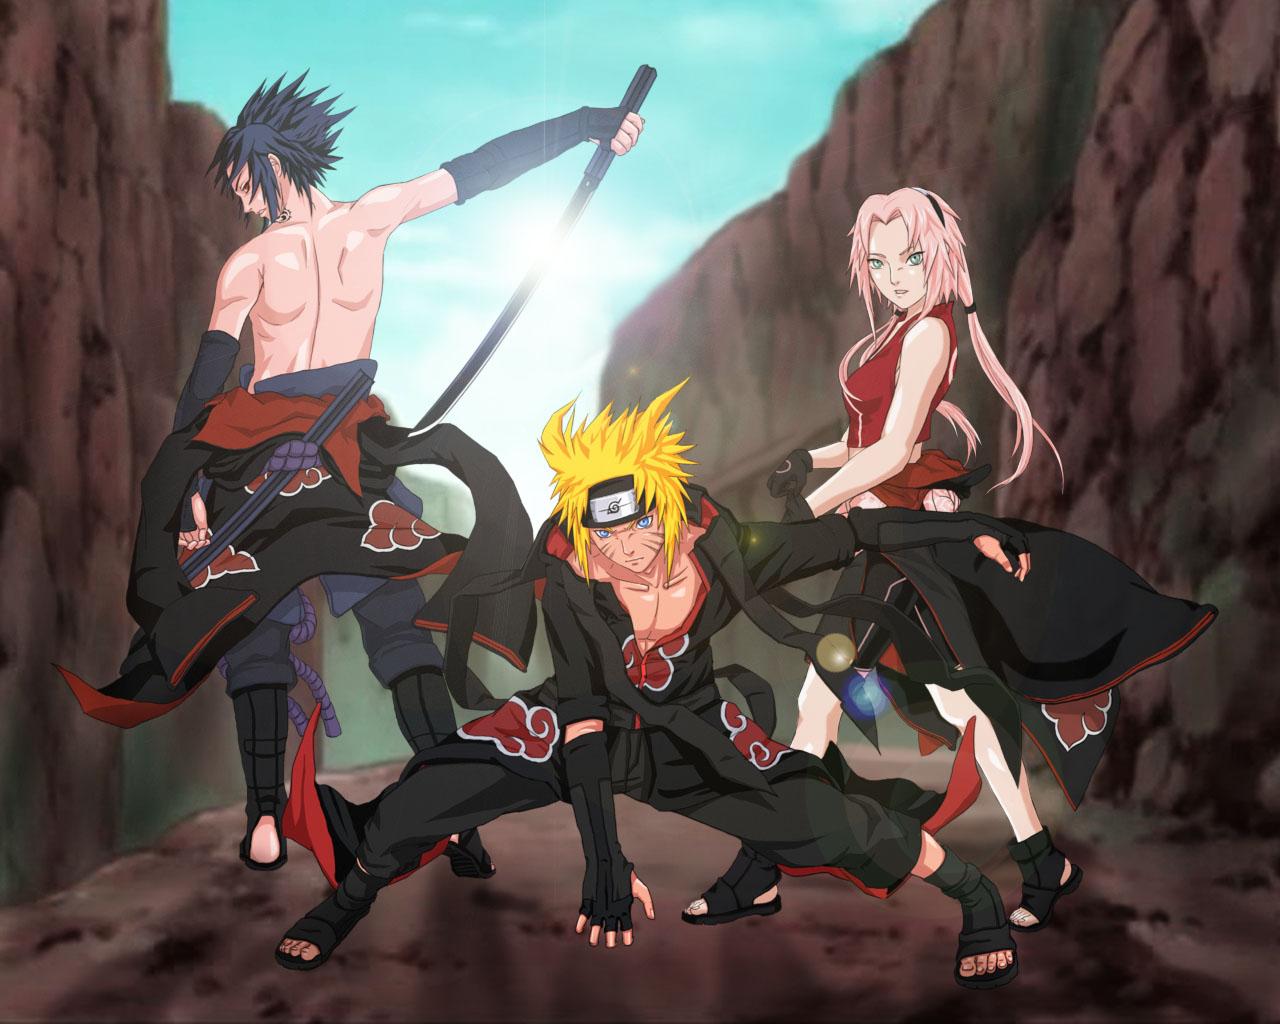 Naruto Shippuden 305 Neler Olucak Tartisalim Artik Konu Baya Bir Uzadi Ne Yapmaya Calisiyorlar Anlamiyorum Araya O Kadar Filler Bolum Girdi Ki Insanlari